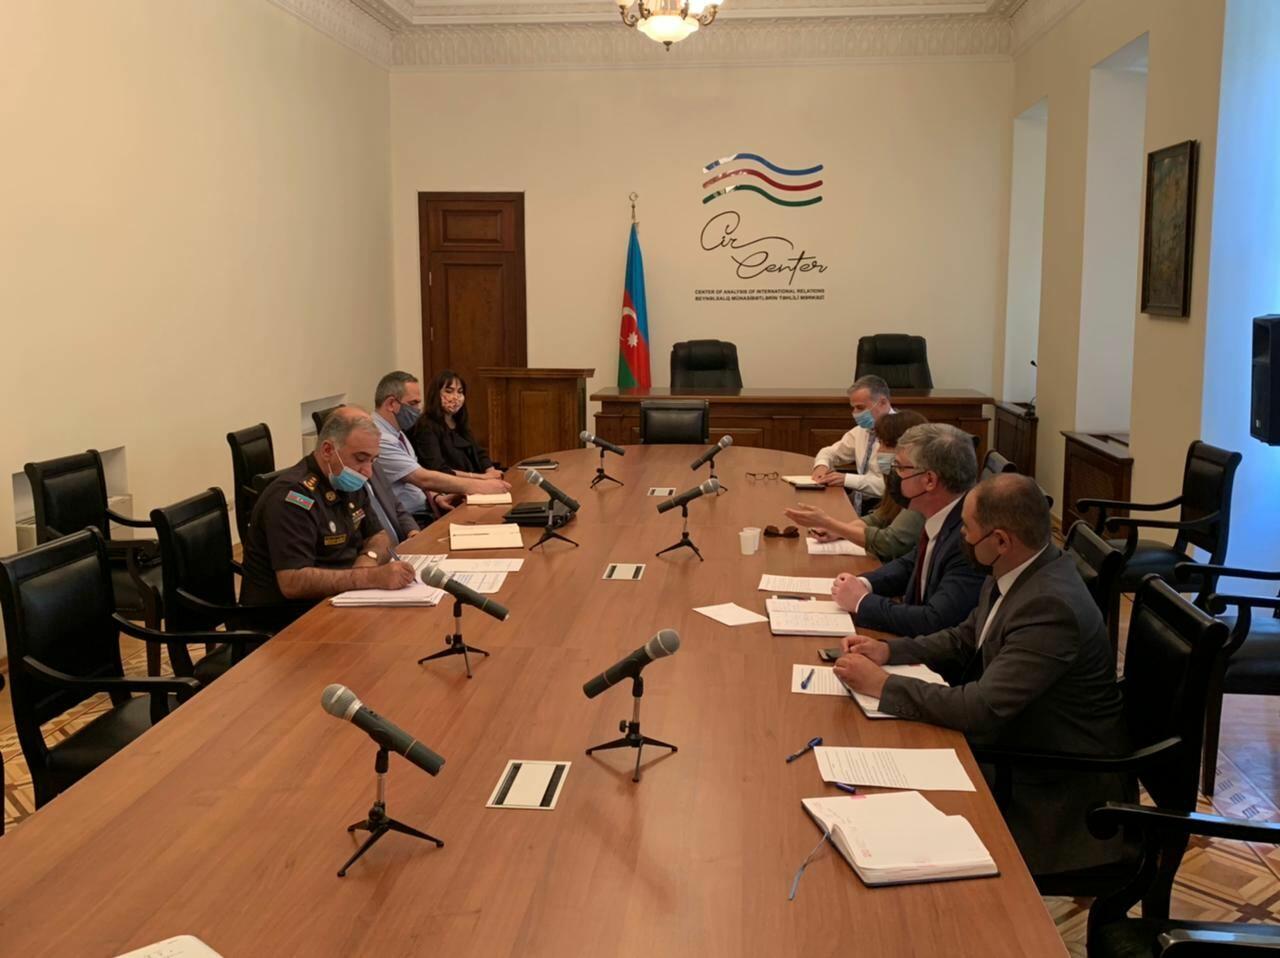 Состоялось очередное заседание Рабочей группы по расчистке от мин и неразорвавшихся боеприпасов на освобожденных территориях Азербайджана